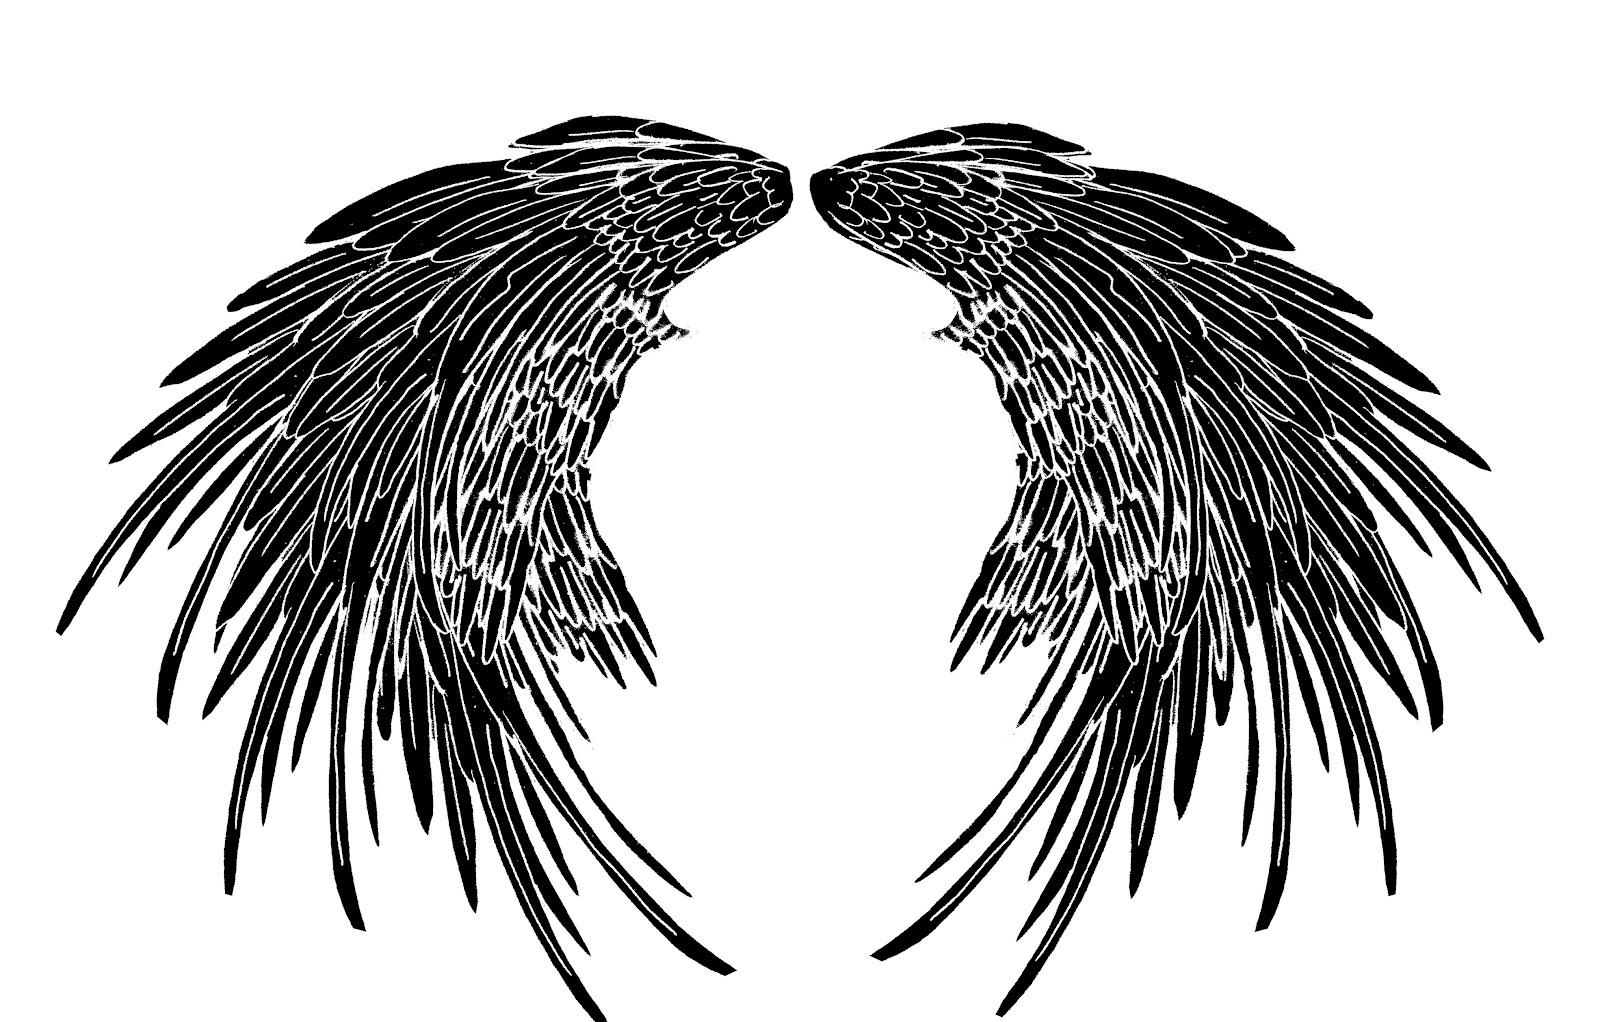 http://3.bp.blogspot.com/-MuKASiLxTto/T0xQKti1qqI/AAAAAAAAAcE/7yBvrI037c4/s1600/Angel_wing_tattoo_large_by_Quicksilverfury.jpg